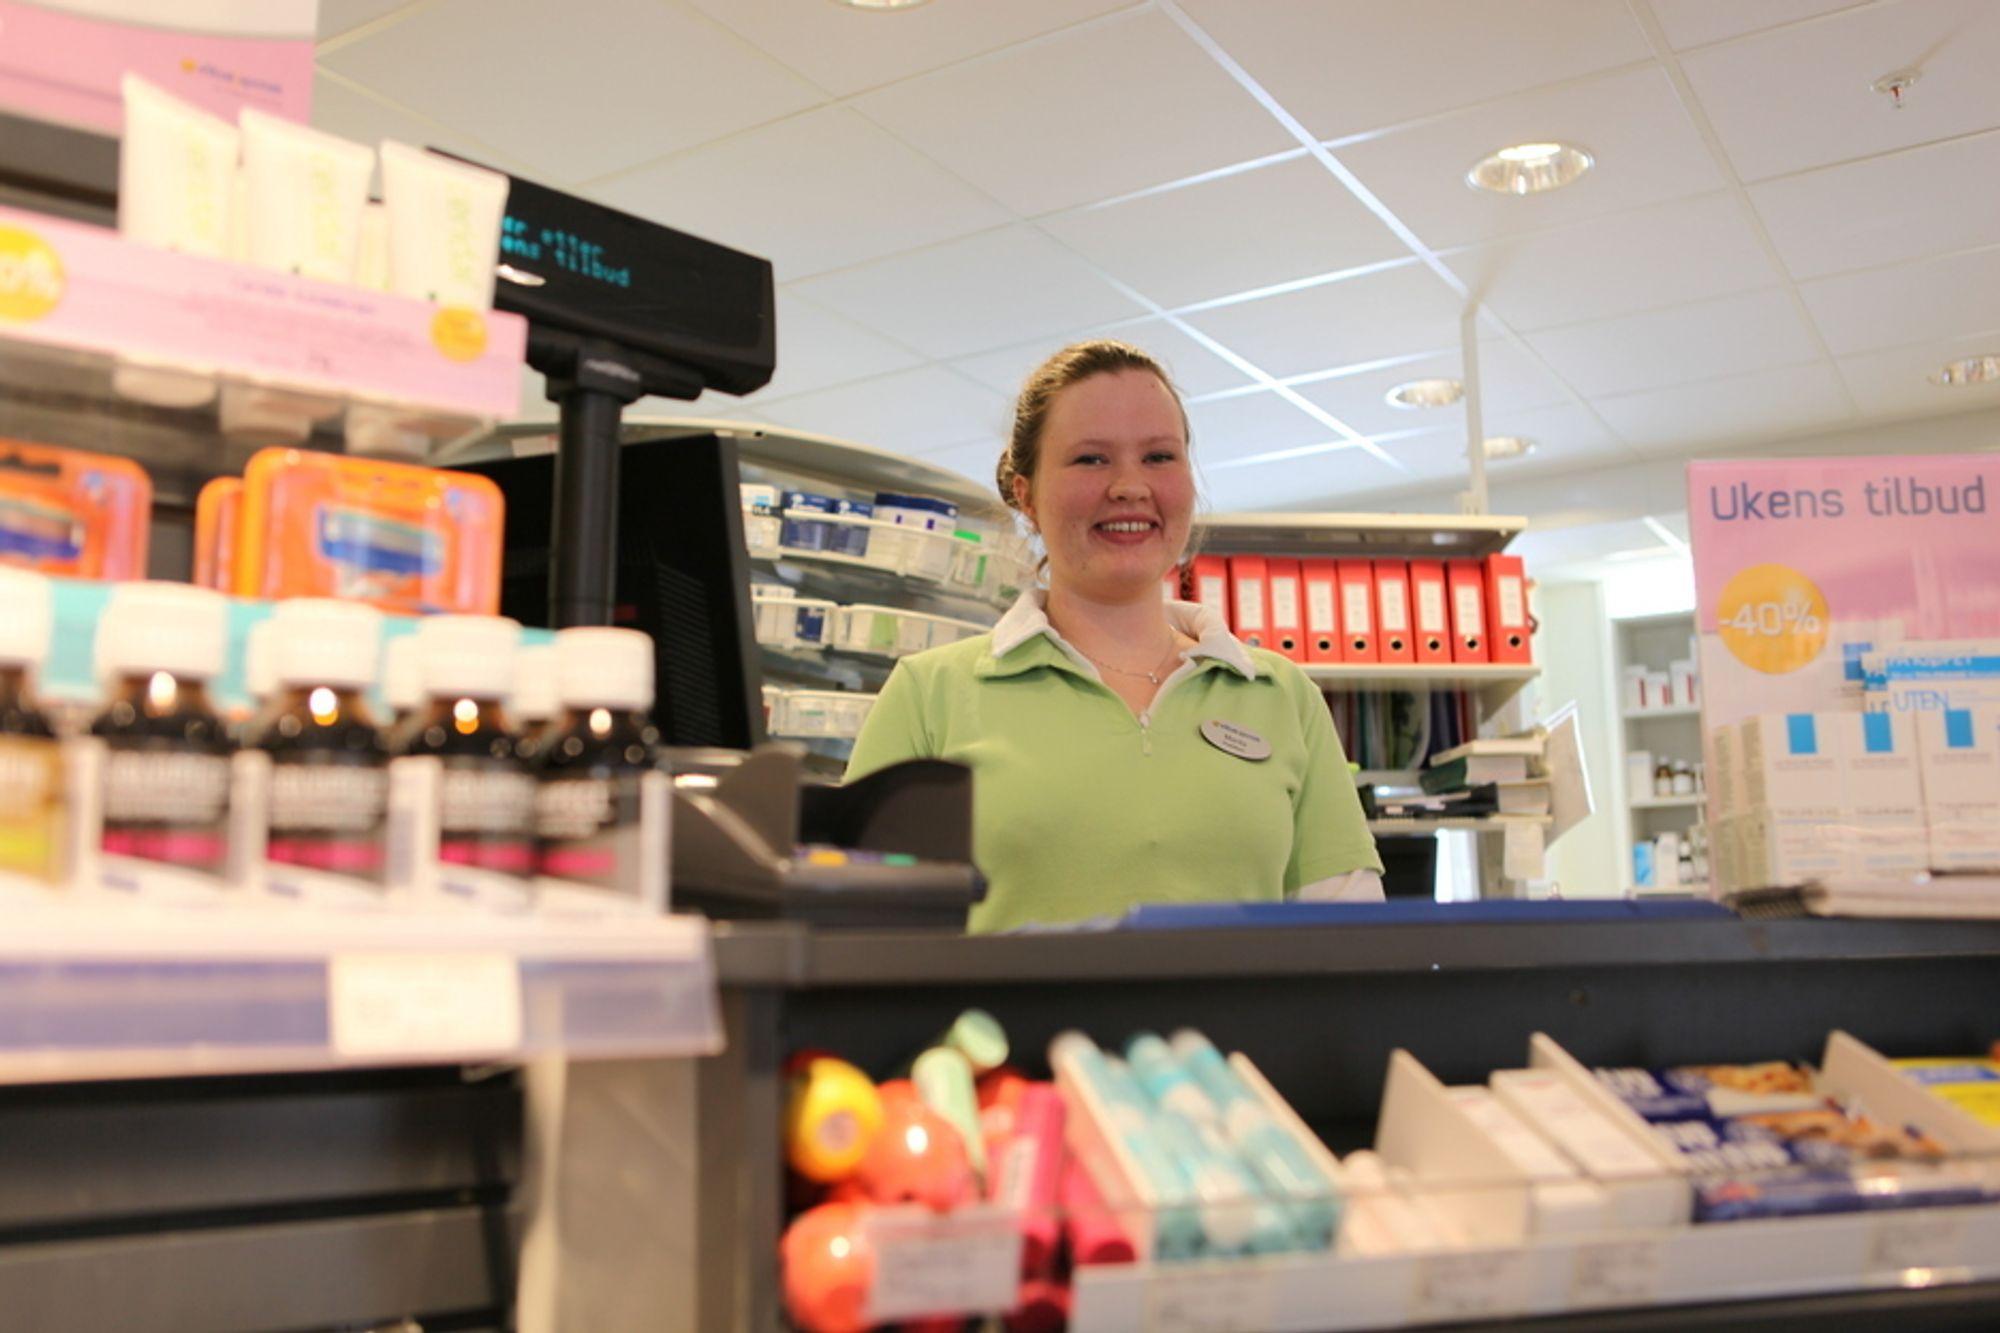 BER OM JOD: Marita Eraker er praktikant på Vitus Apotek Colosseum. Flere kunder kommer til henne og ønsker å kjøpe jodtabletter etter atomulykken i Japan. Men slike tabletter er reseptbelagt.